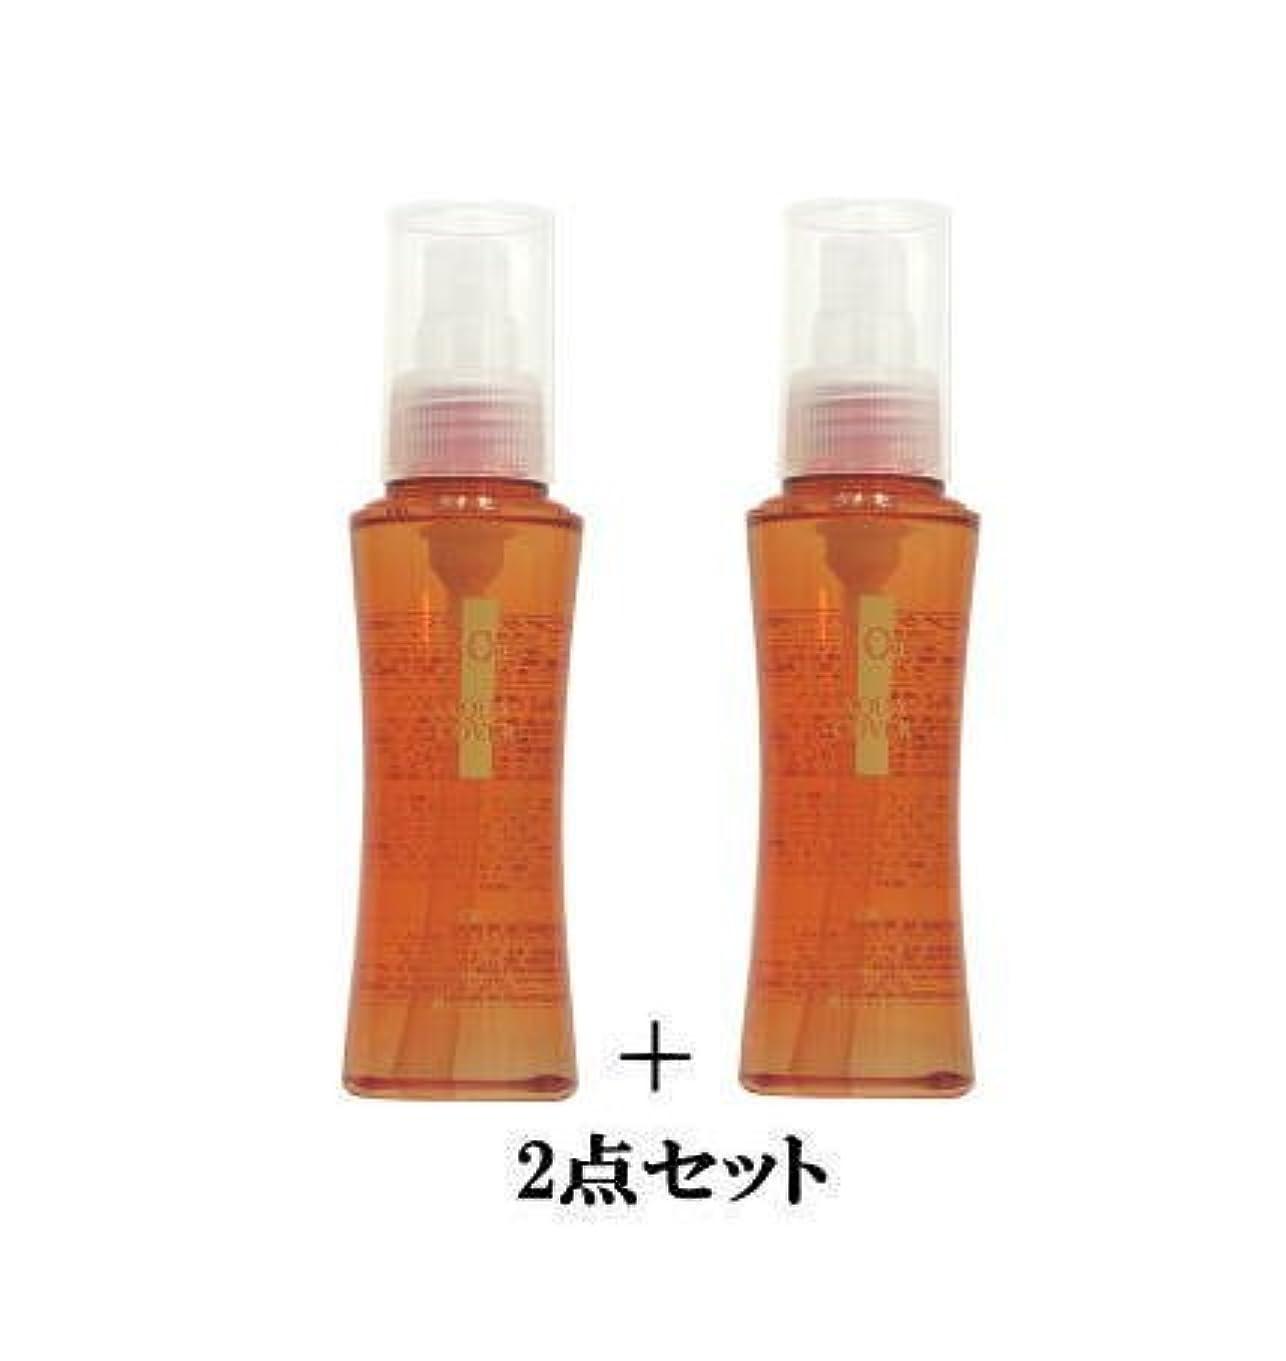 暴動エンターテインメント賞【X2個セット】 ディアテック アクアカバーオイル 100ml